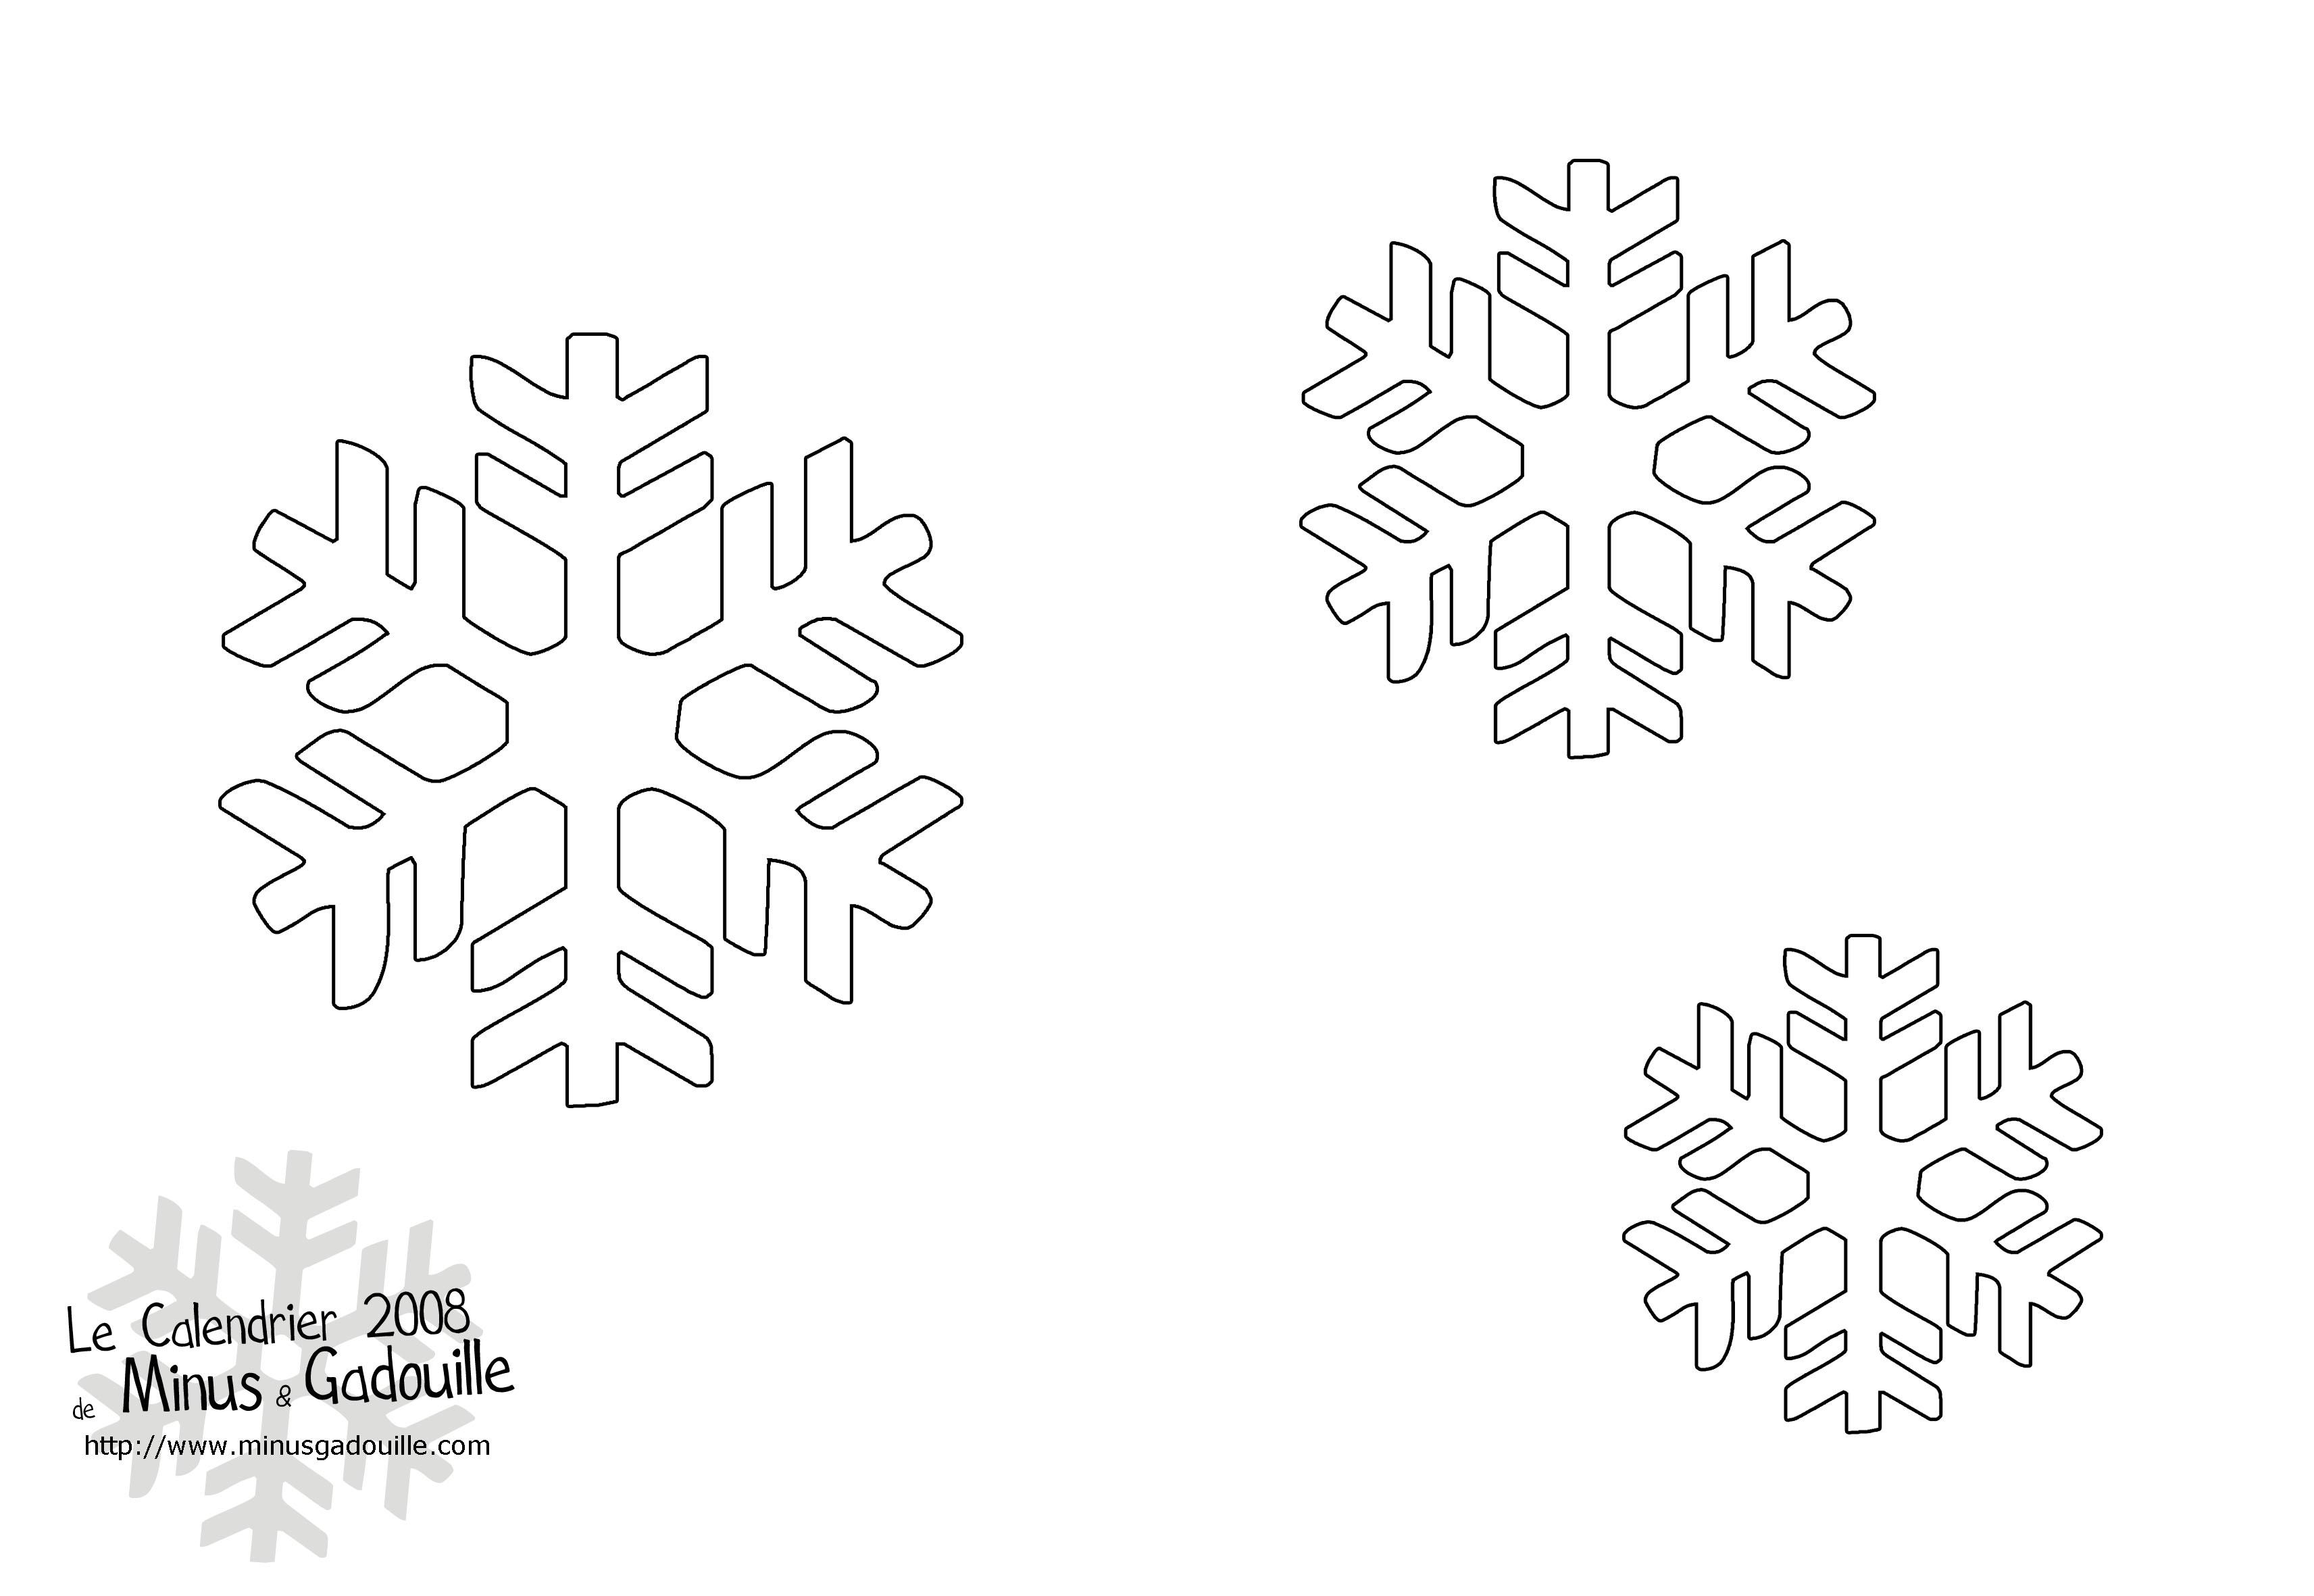 Découpages Snow Flakes Stencils For Diy Chrismas Decor concernant Pochoir Noel Gratuit Imprimer